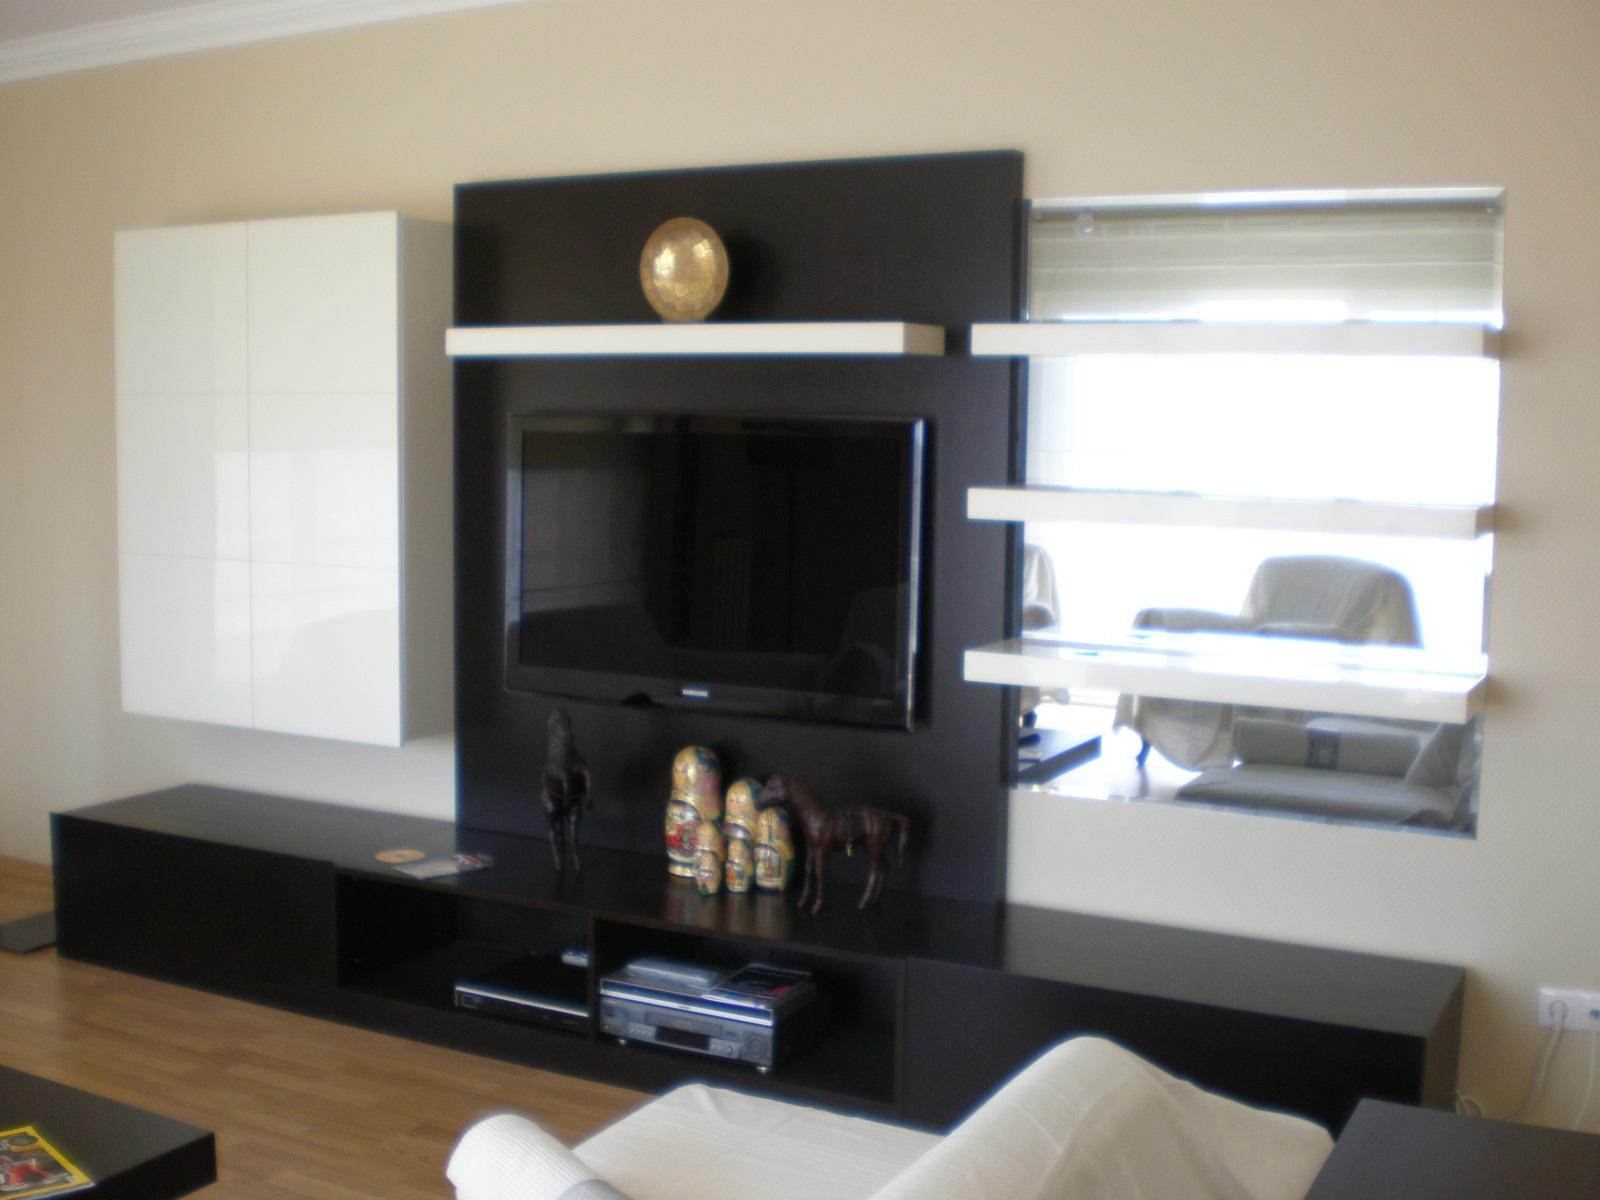 Aynalı divan mobilya tv ünite tasarımları